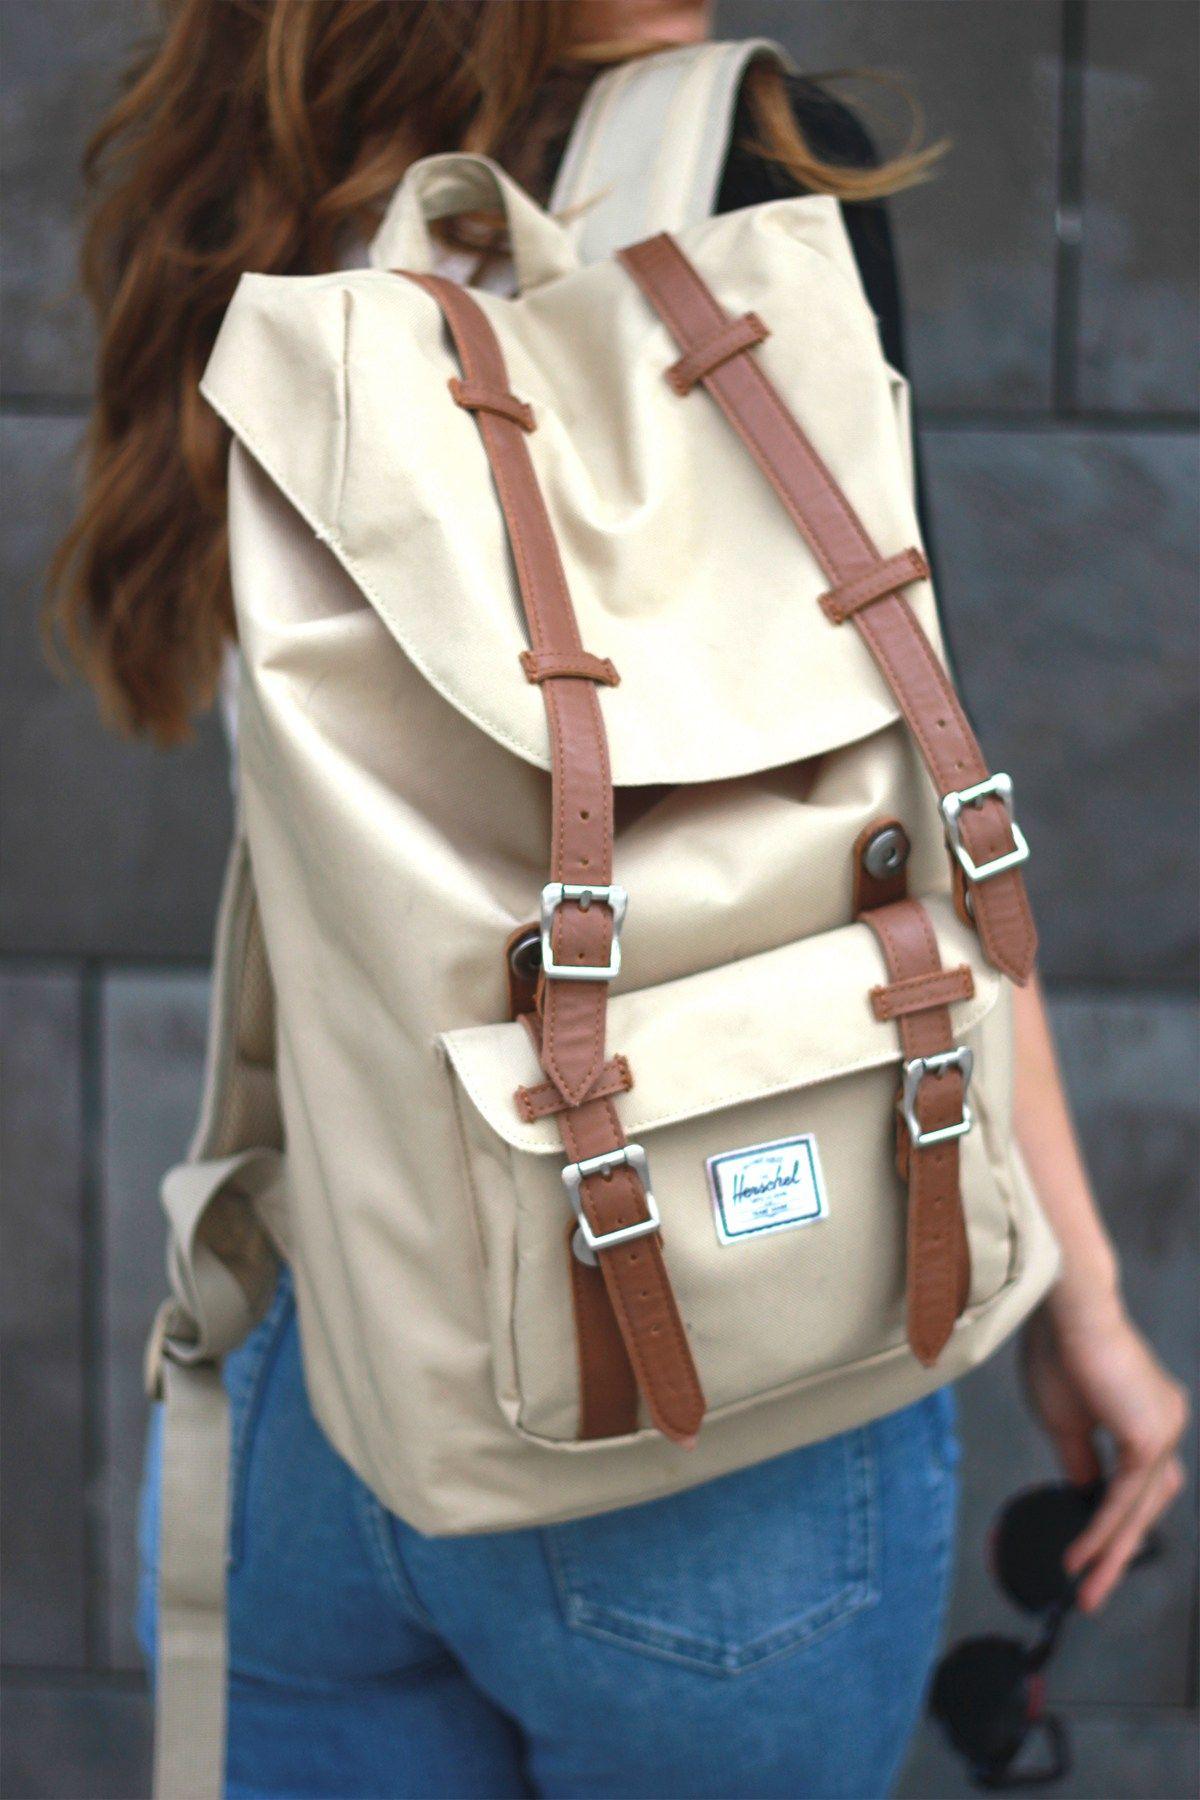 09d13af70b  rucksack  bag Schön und praktisch - Backpacks mit Leder-Details. Perfekt  für den nächsten City- oder Outdoortrip!